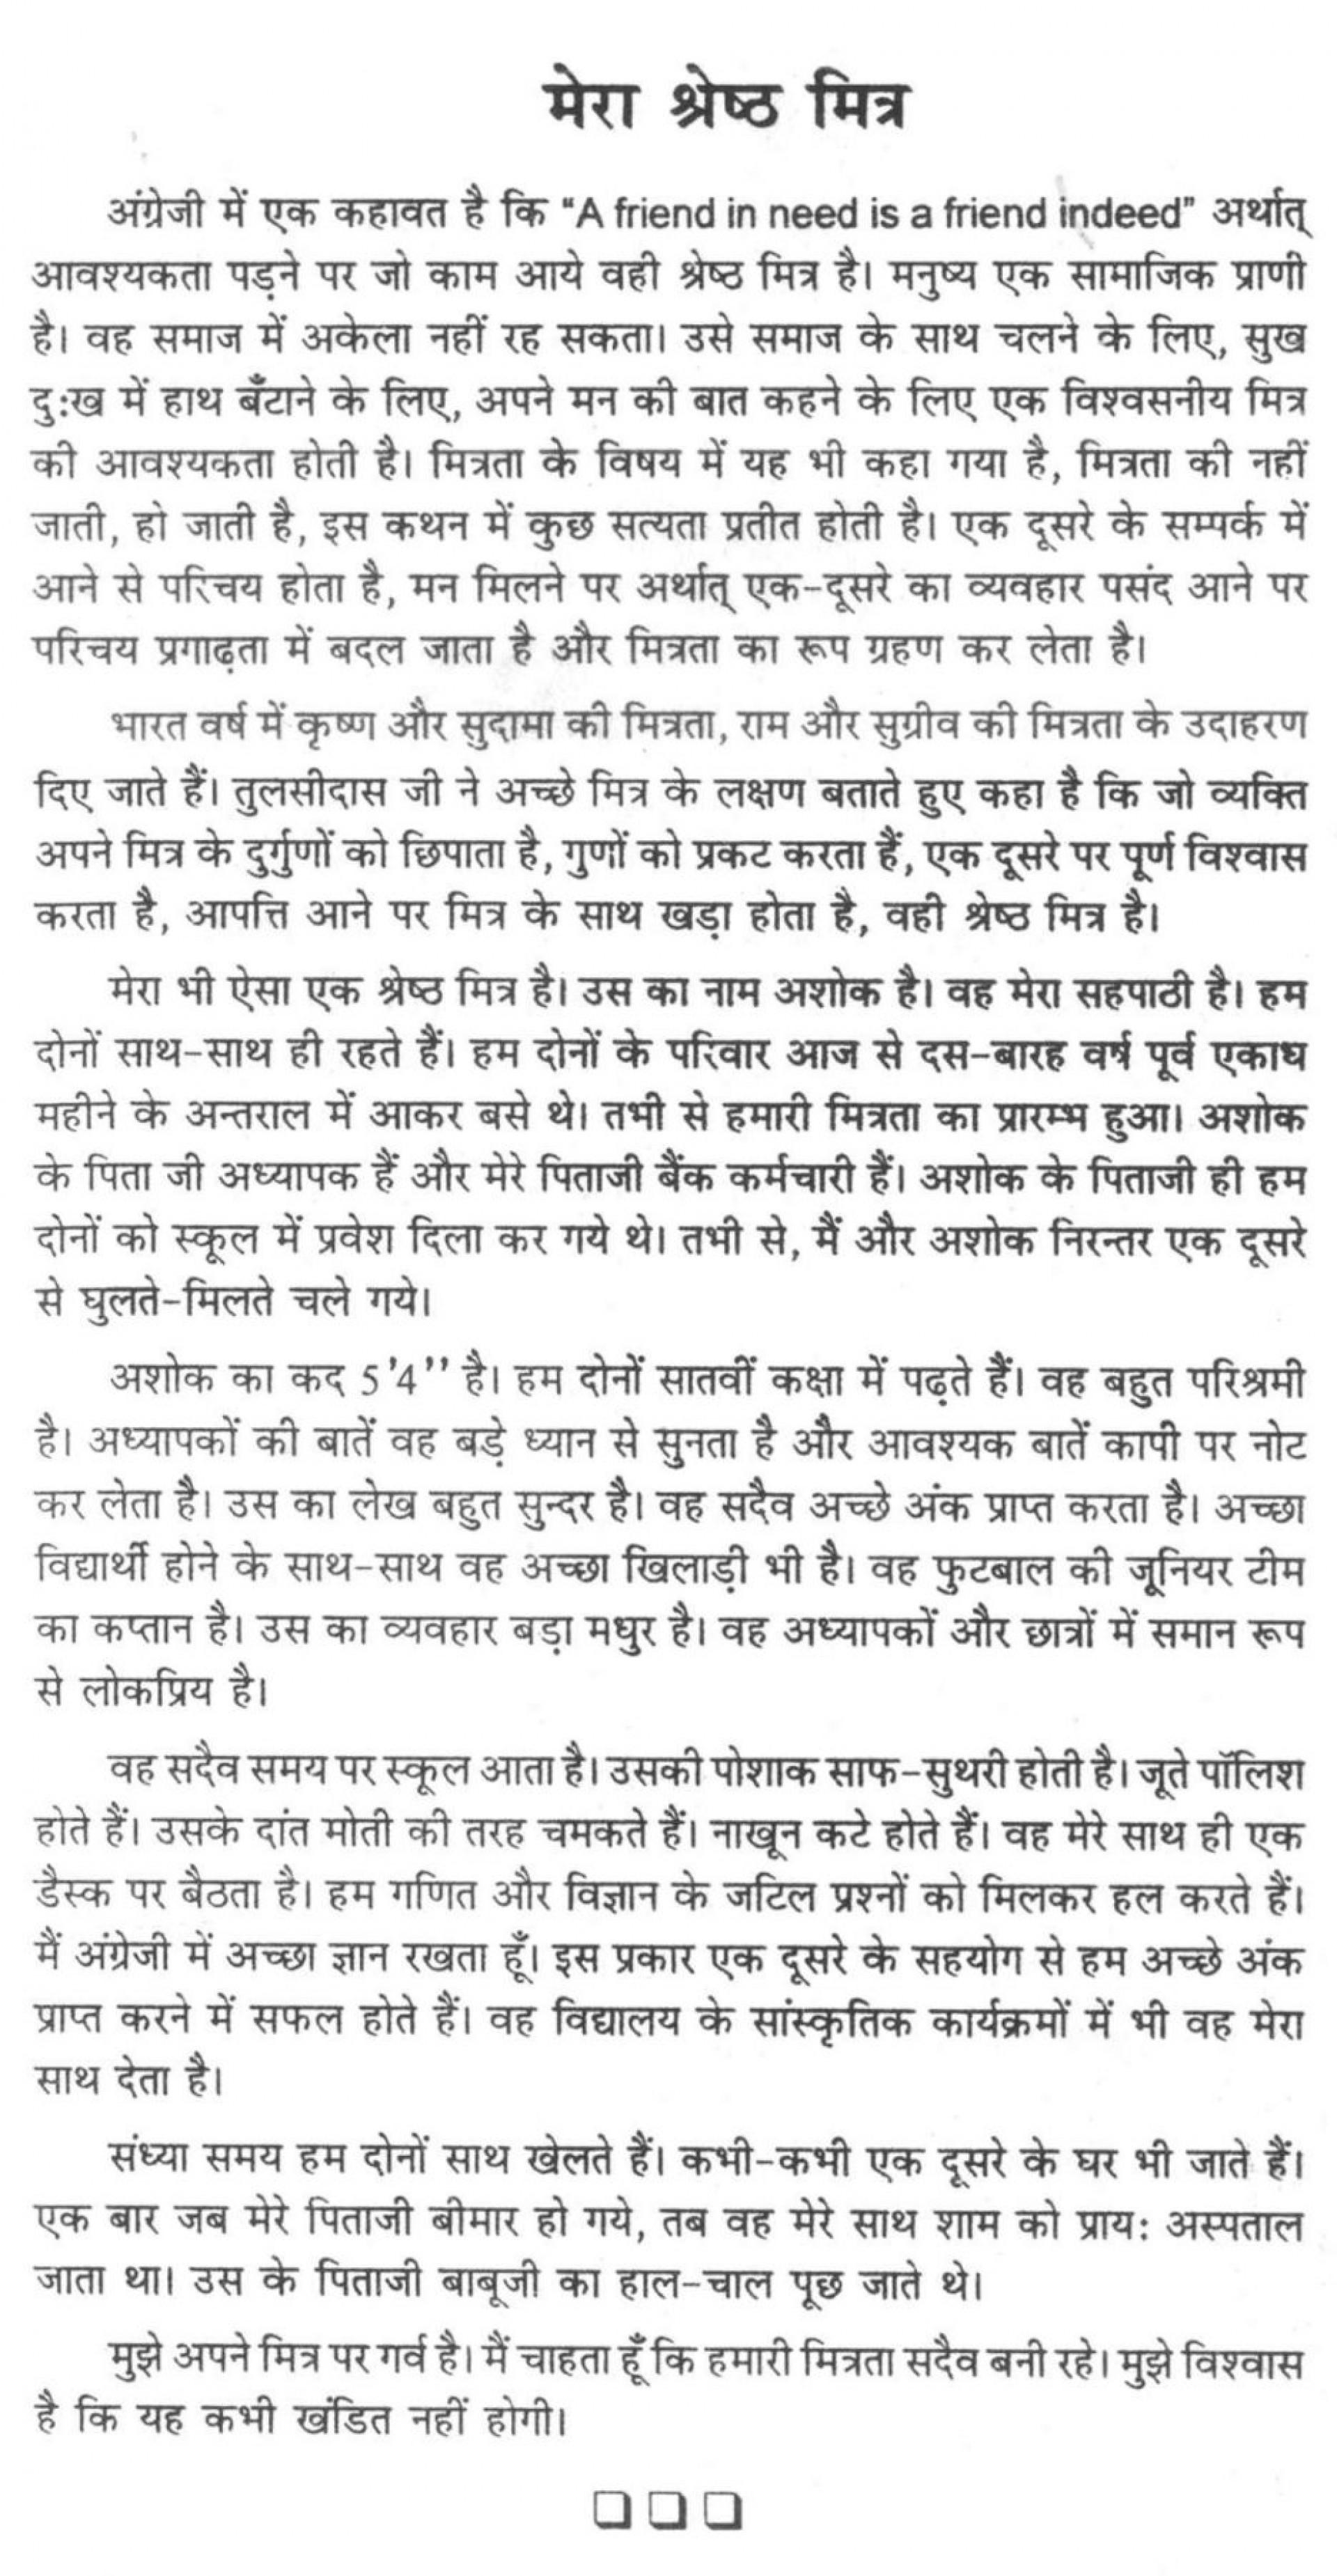 003 Essay Example Qualities Of Good Friends Friend Thumb Teacher Great Characteristics Pdf In Hindi Three Free Language Urdu Amazing A Short 1920